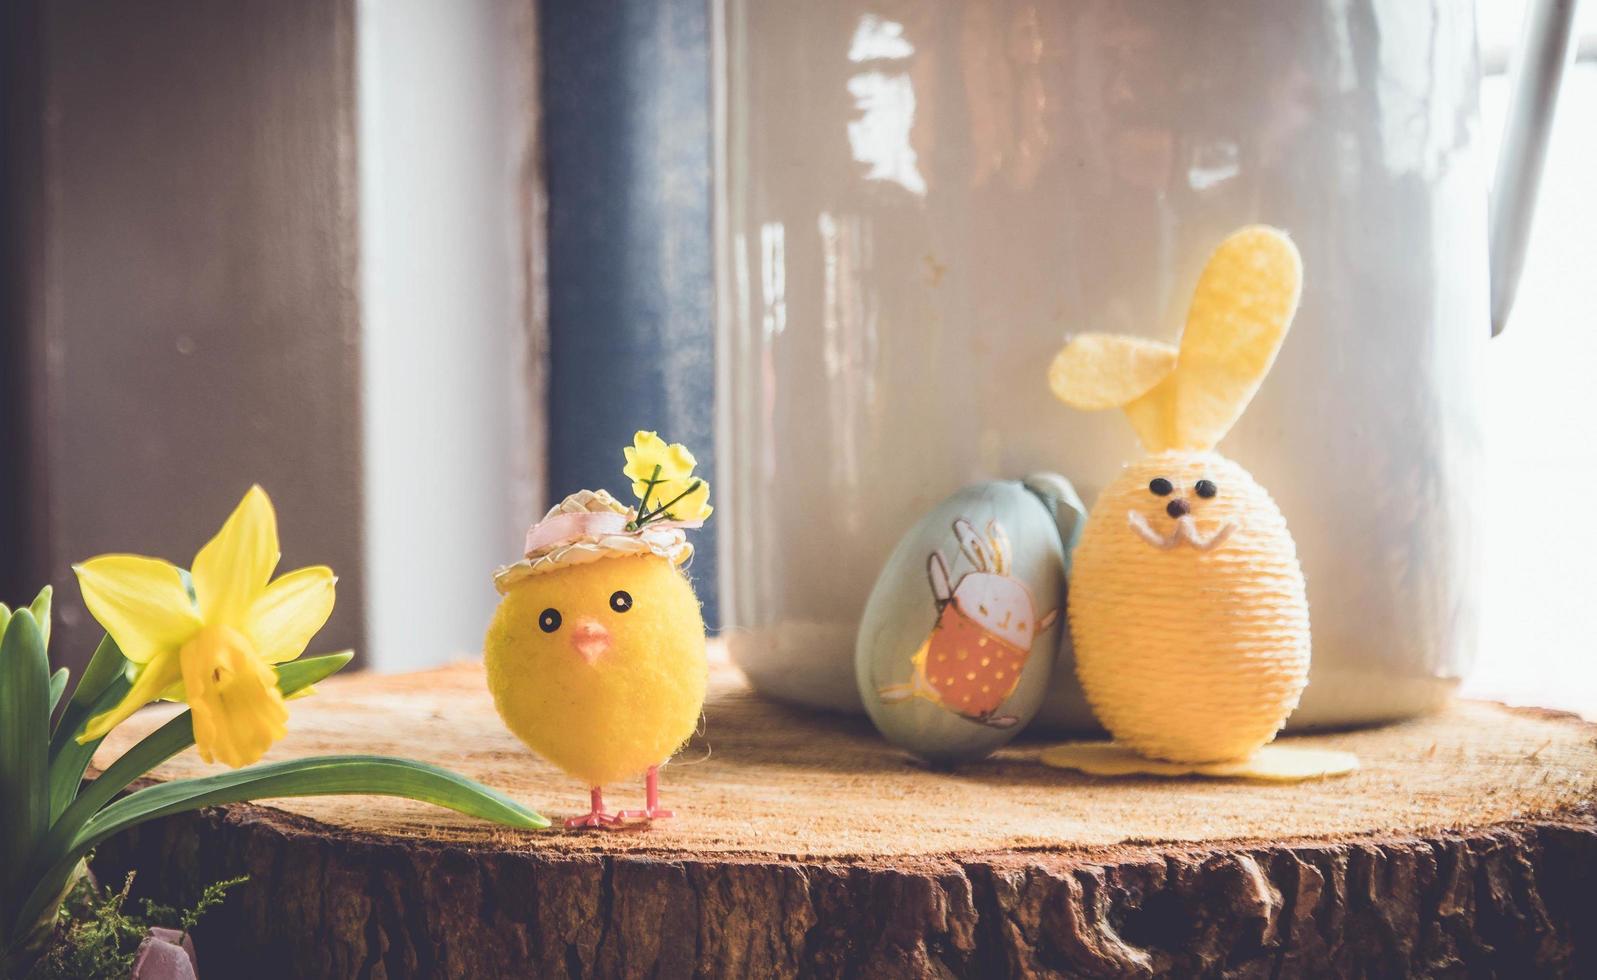 juguetes de pascua de peluche amarillo foto